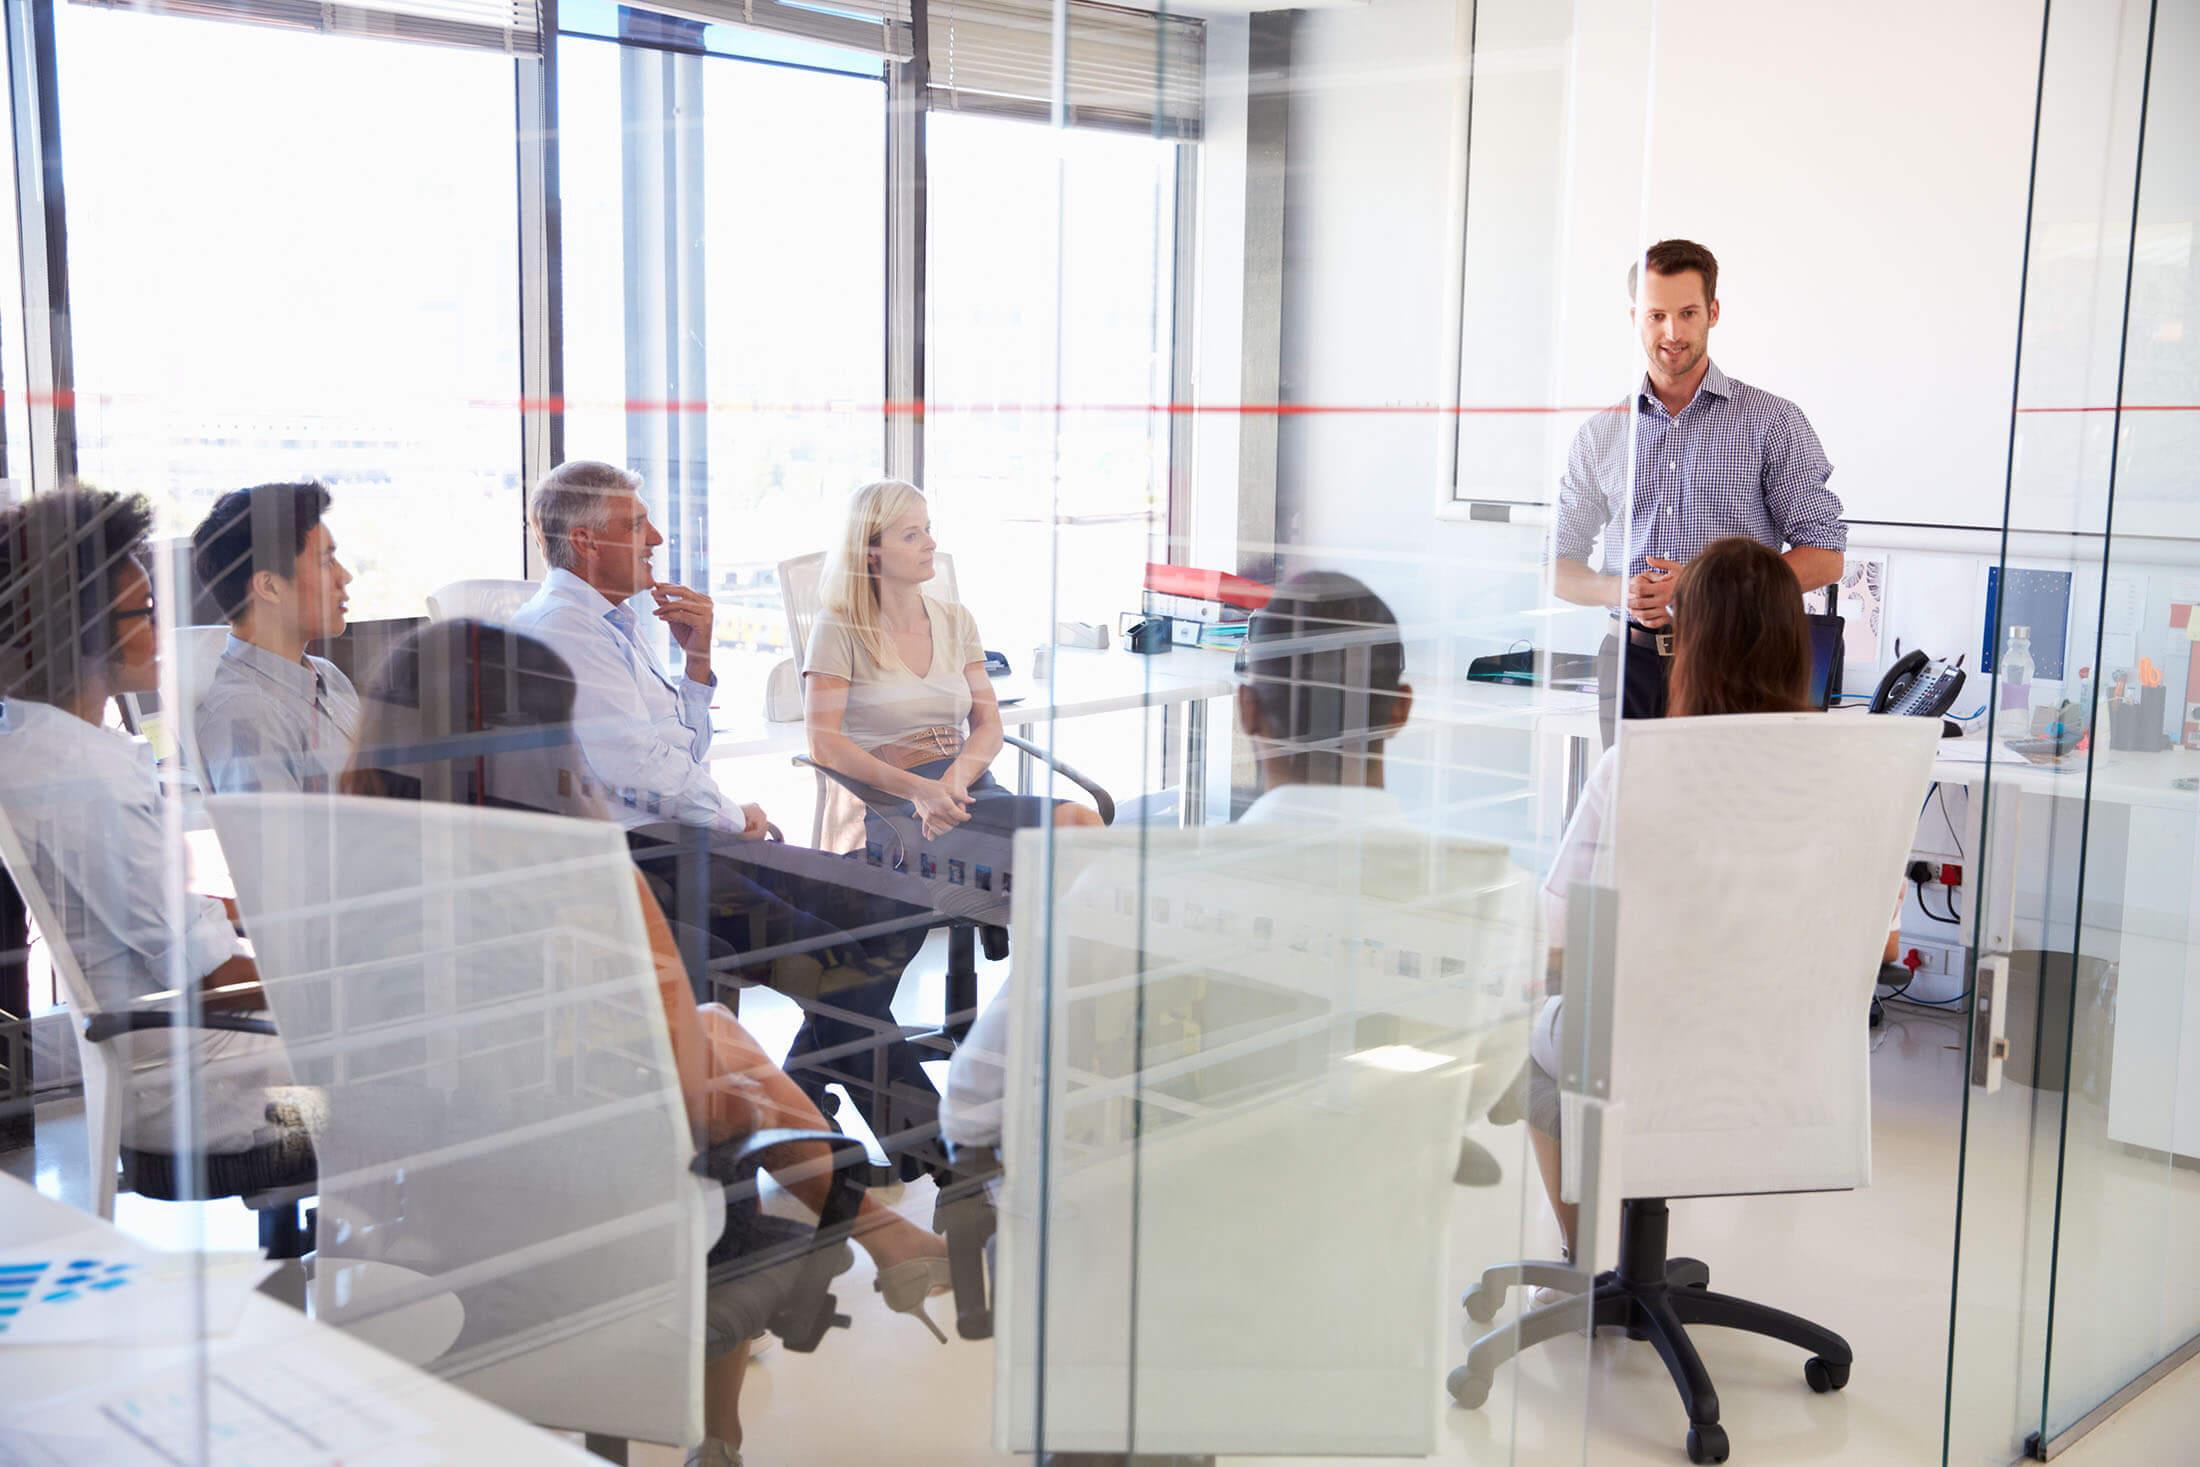 Professionelle Managementsysteme zur Energieeinsparung